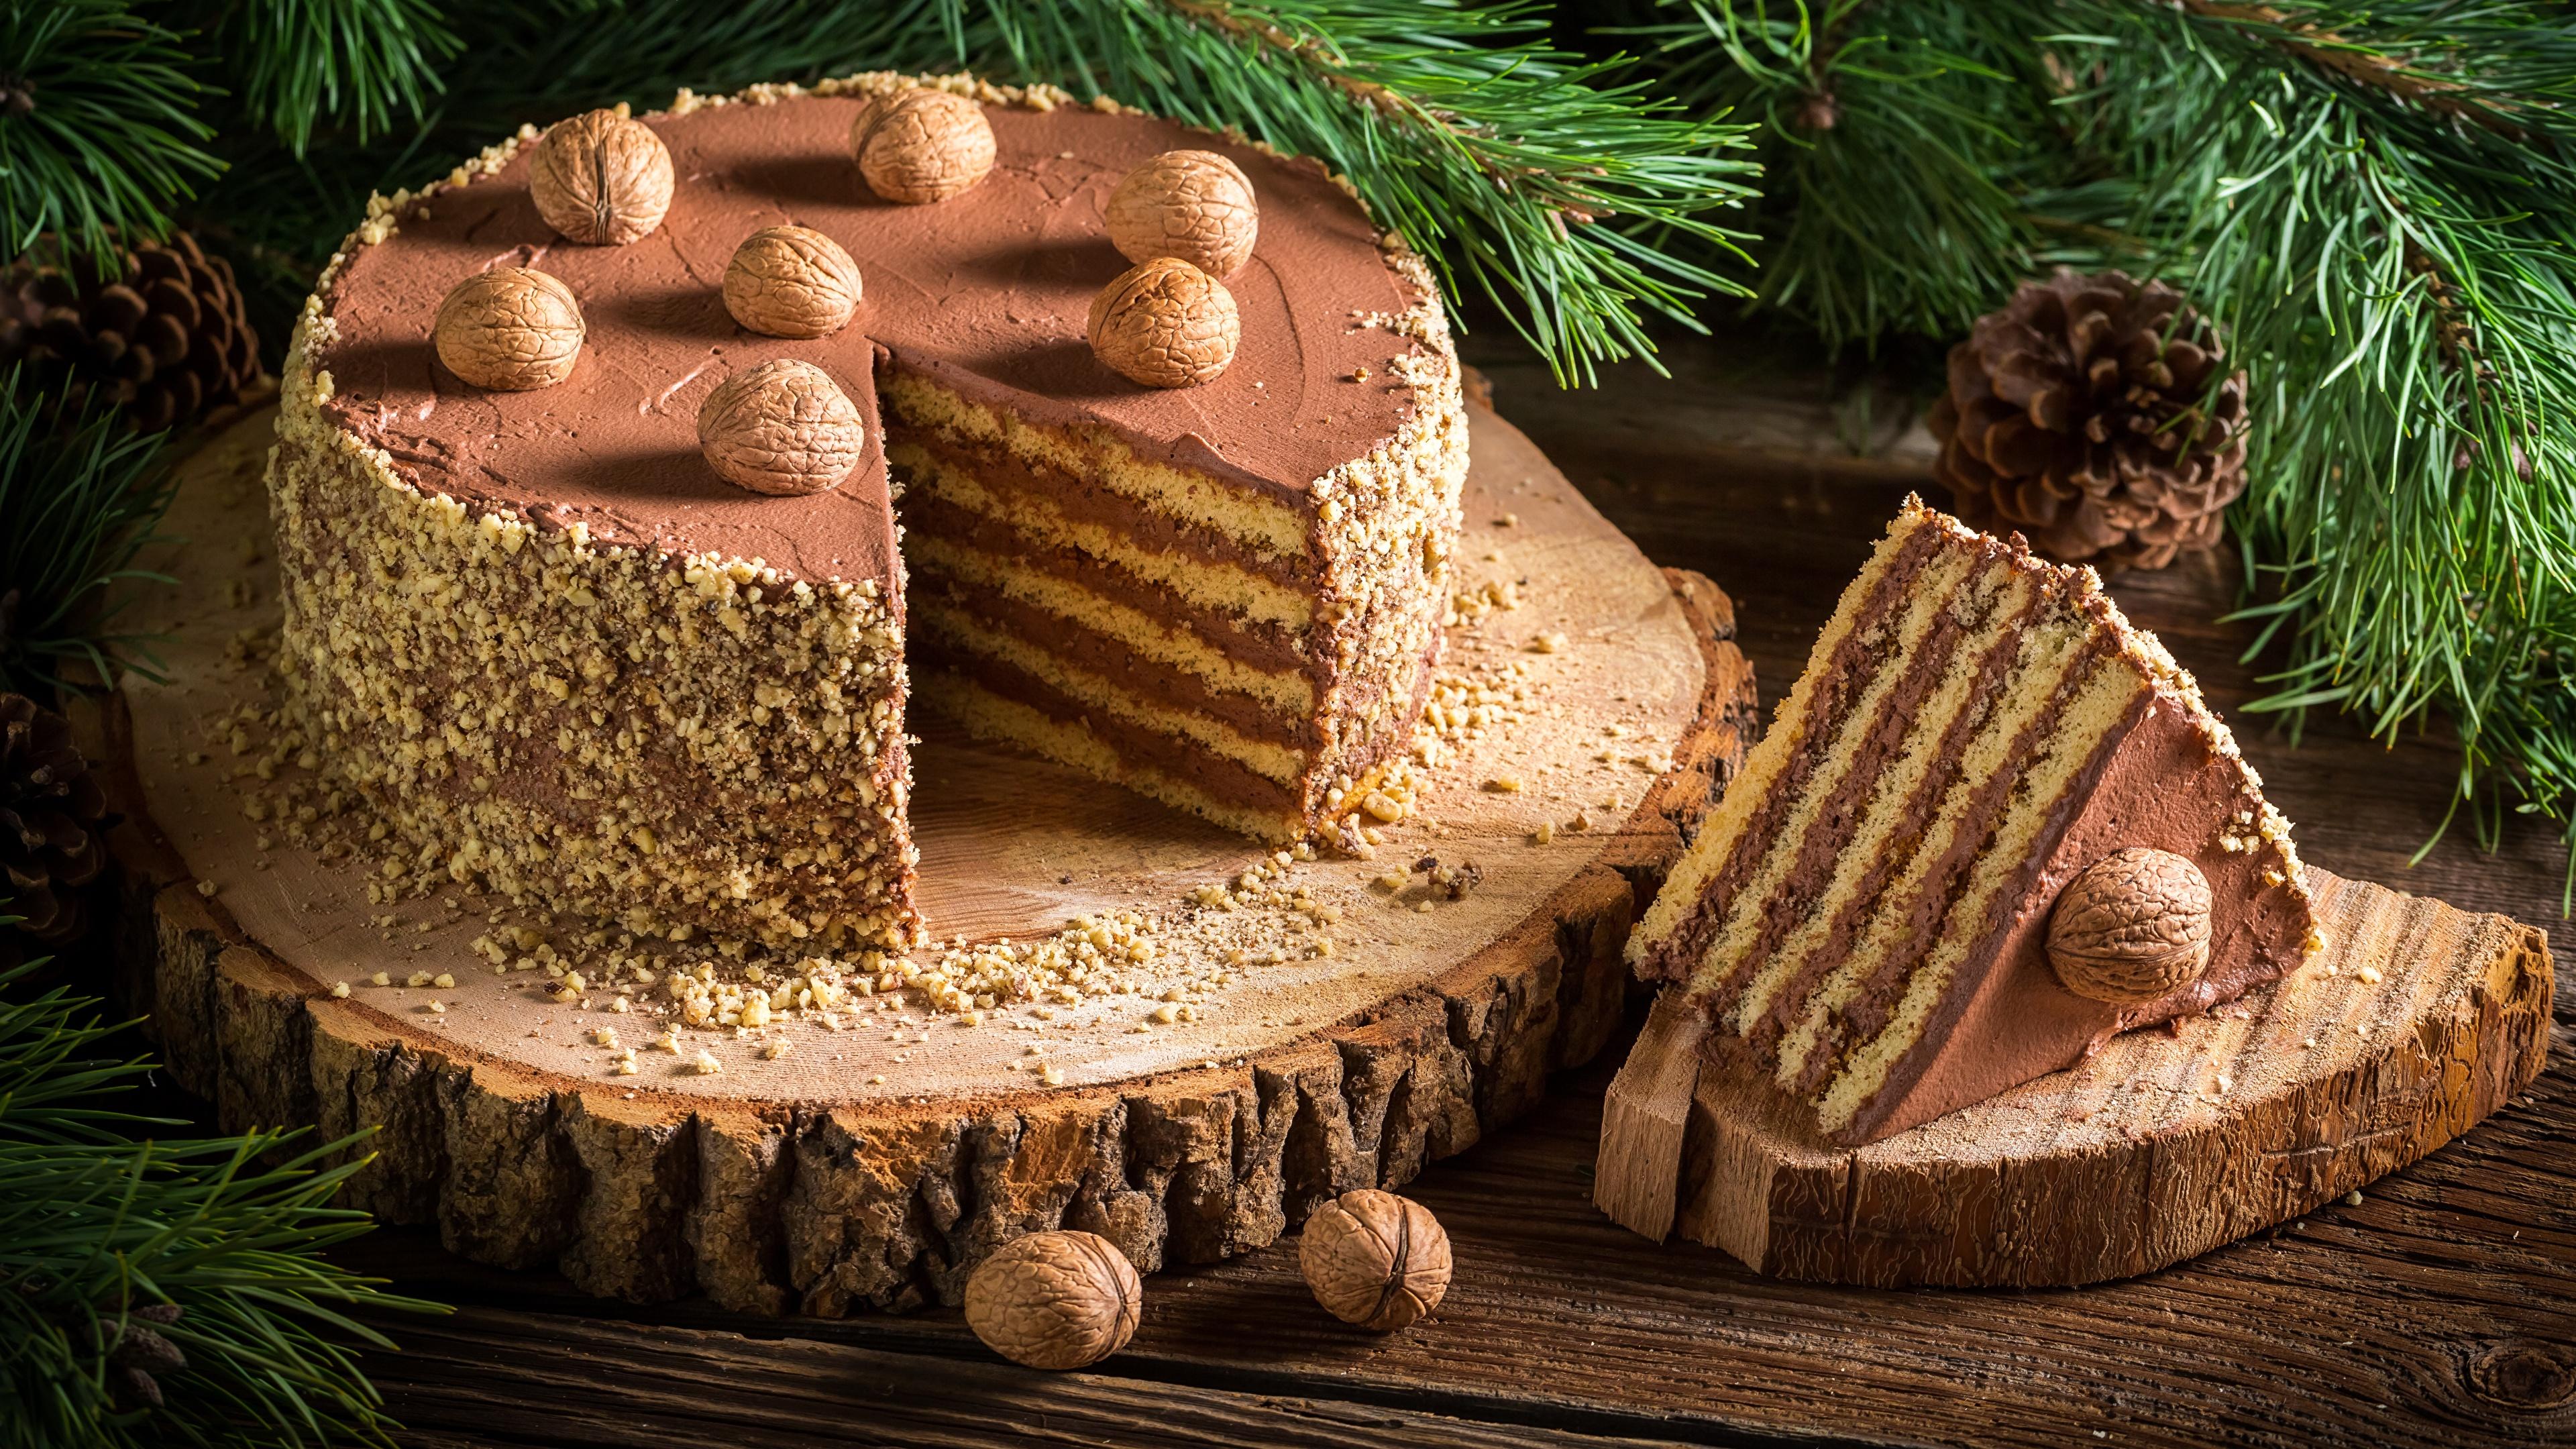 Обои для рабочего стола Новый год Торты кусочки Продукты питания Орехи 3840x2160 Рождество часть Кусок кусочек Еда Пища